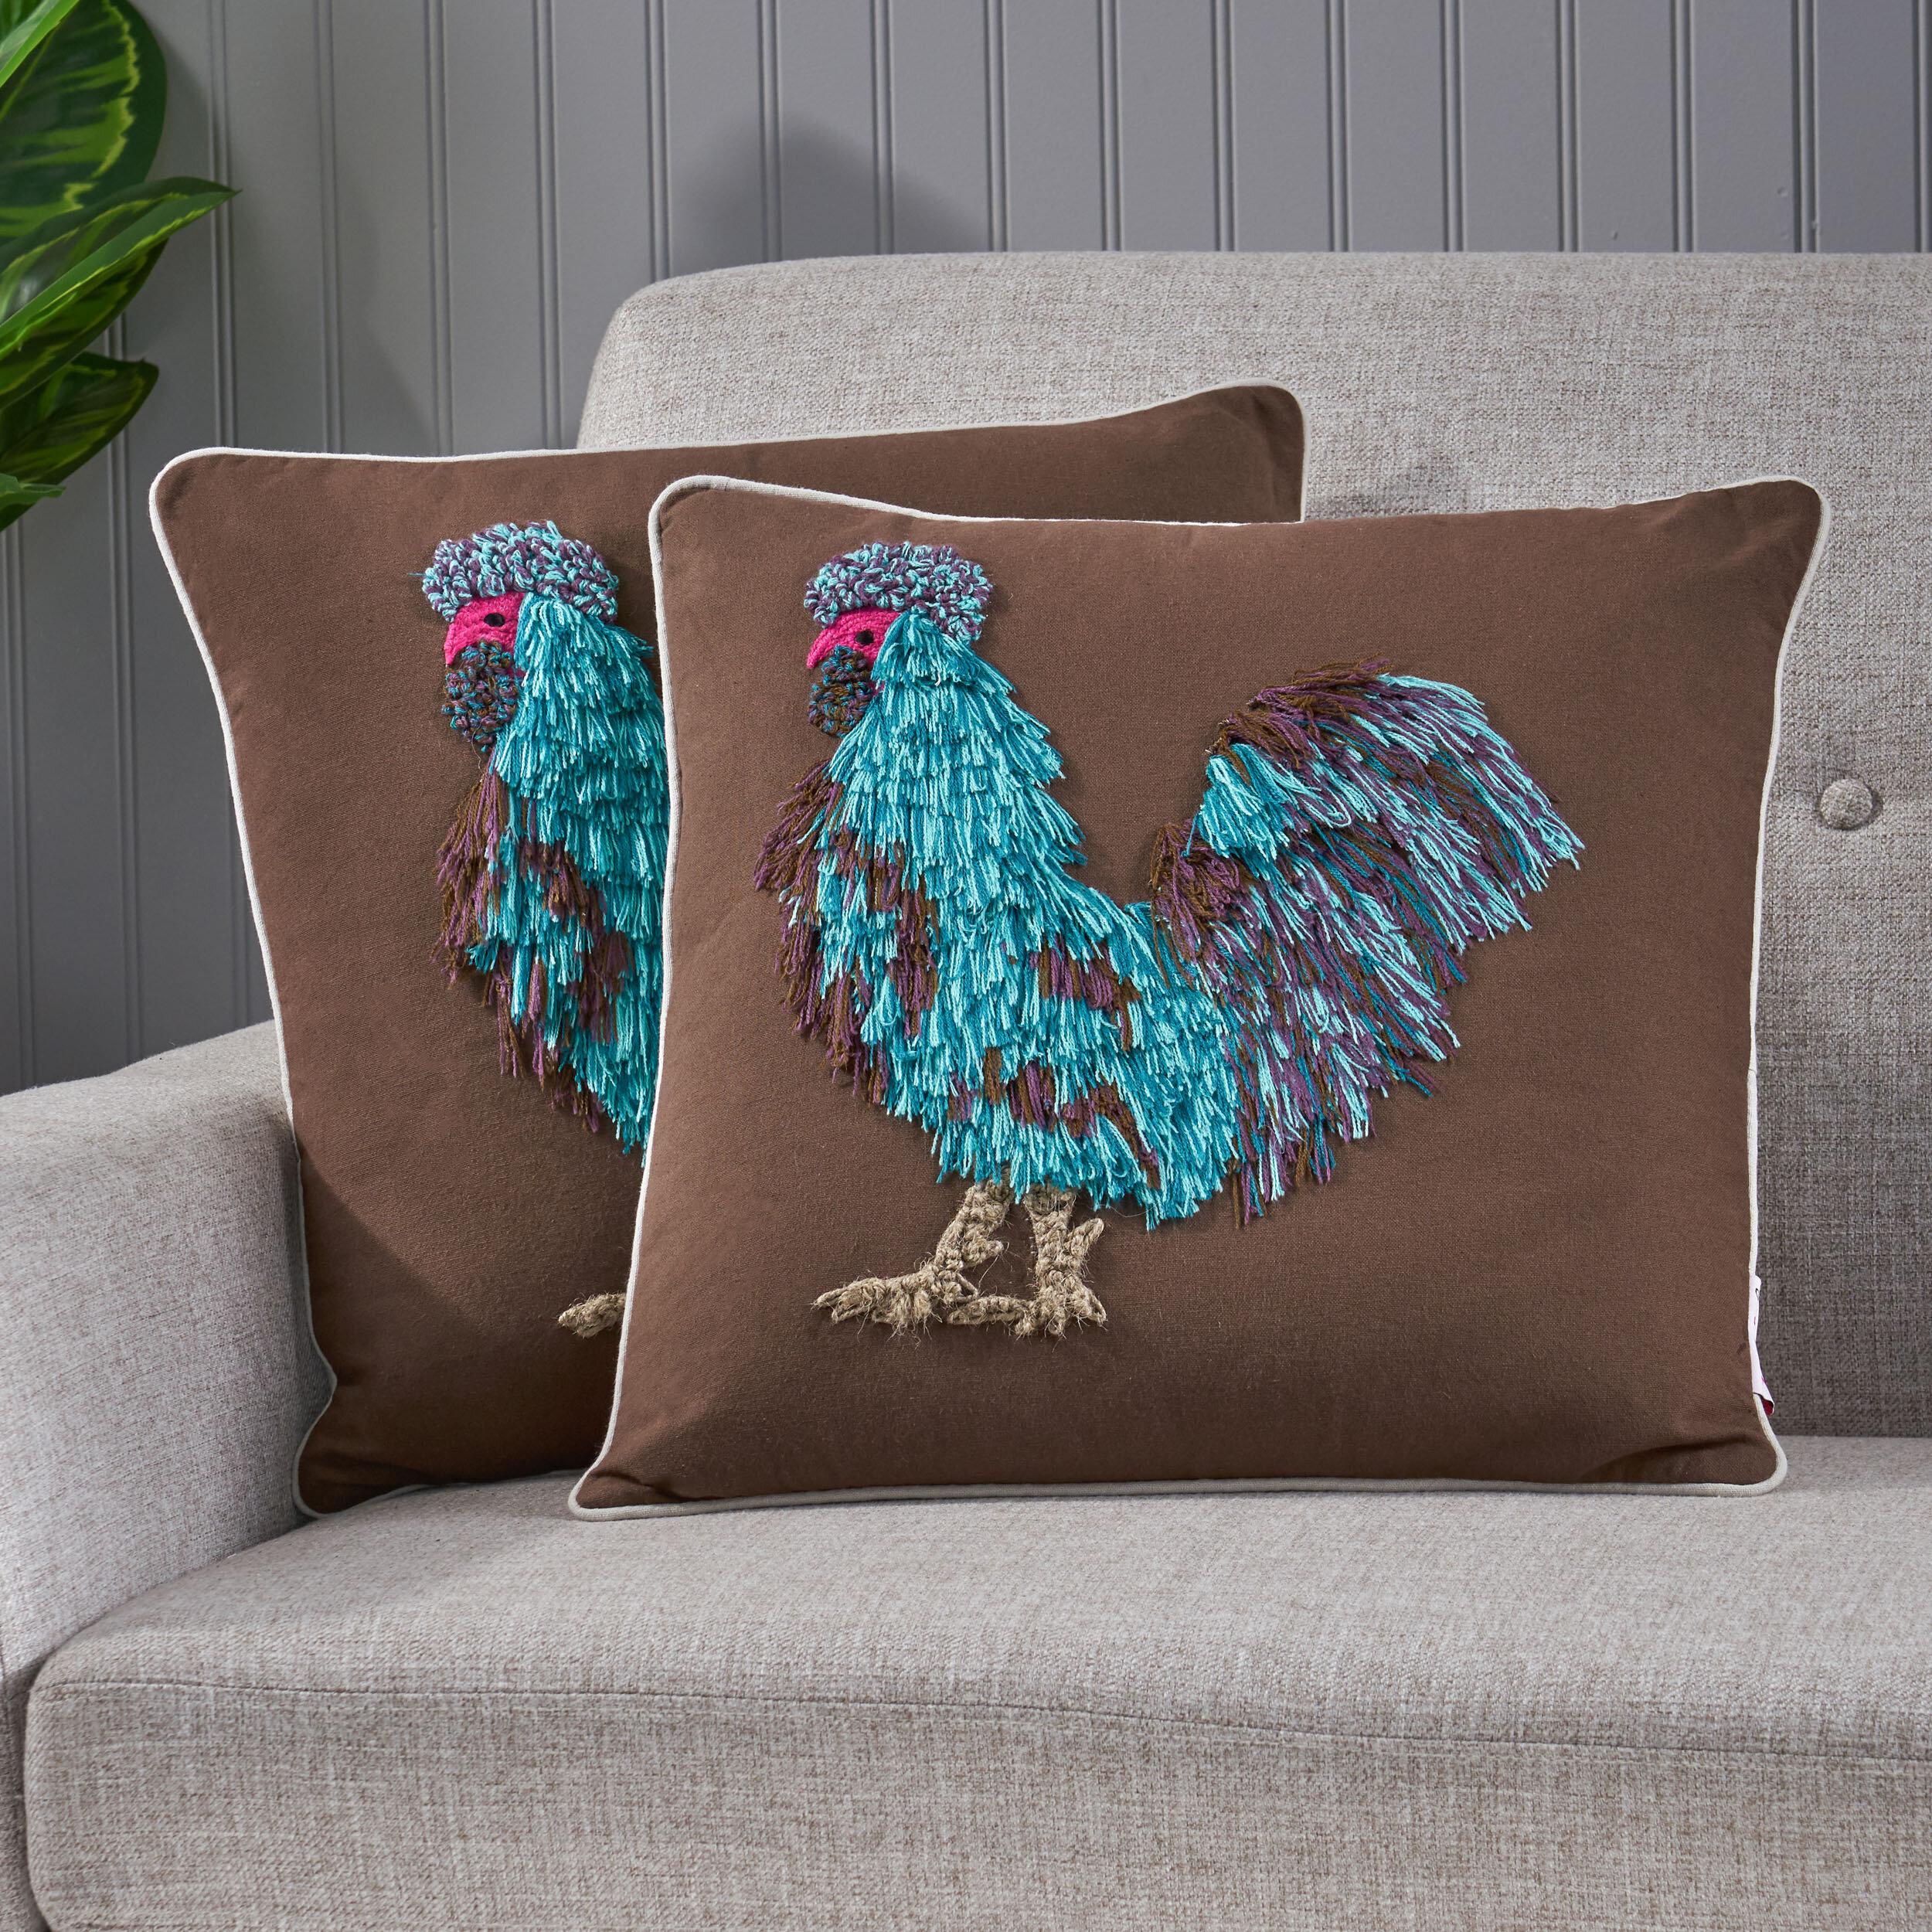 August Grove Zoe Rooster Cotton Throw Pillow Wayfair